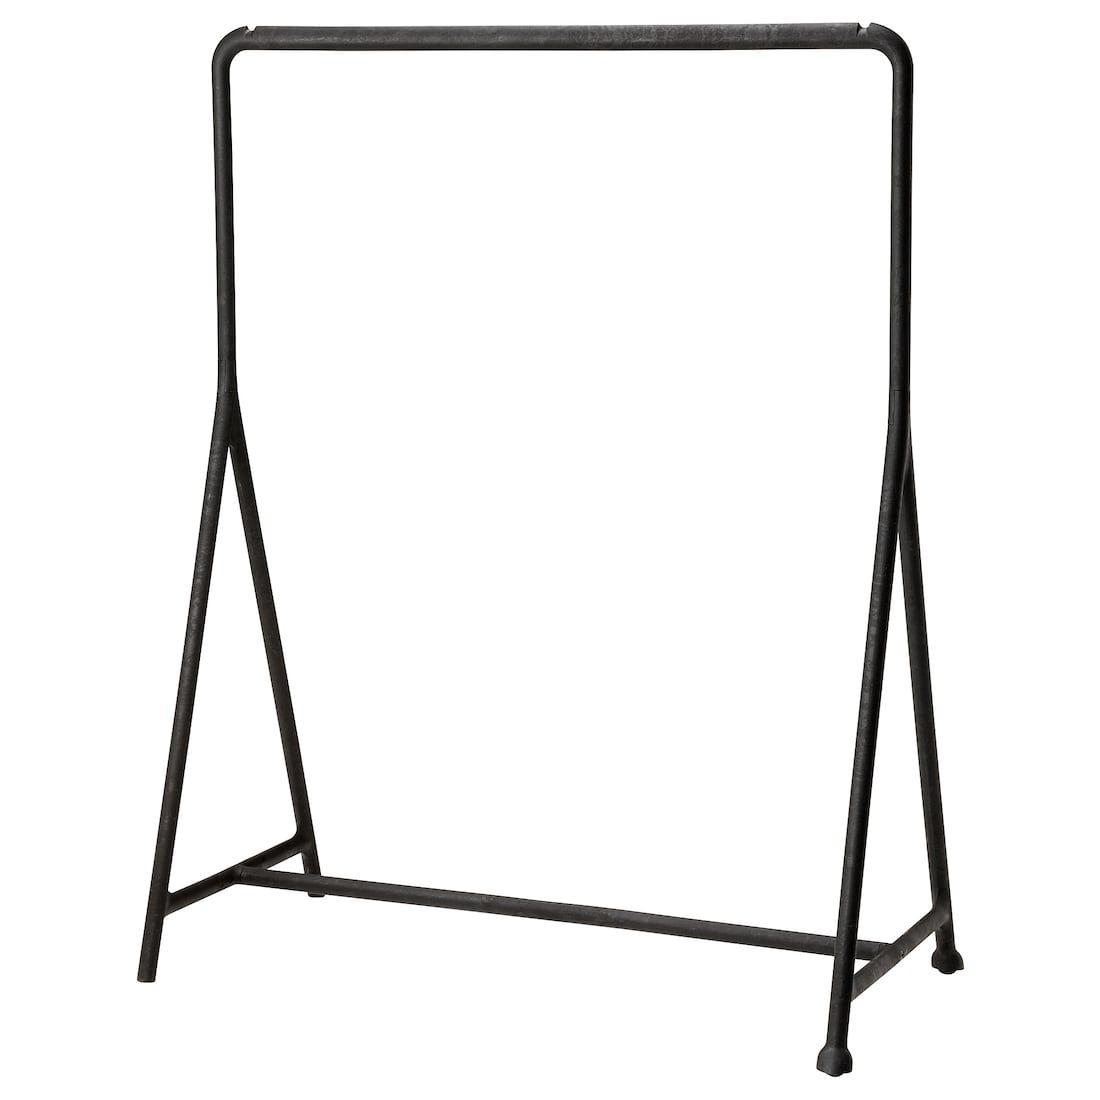 Armadio Metallico Esterno Ikea turbo stand appendiabiti, interno/esterno - nero 117x59 cm